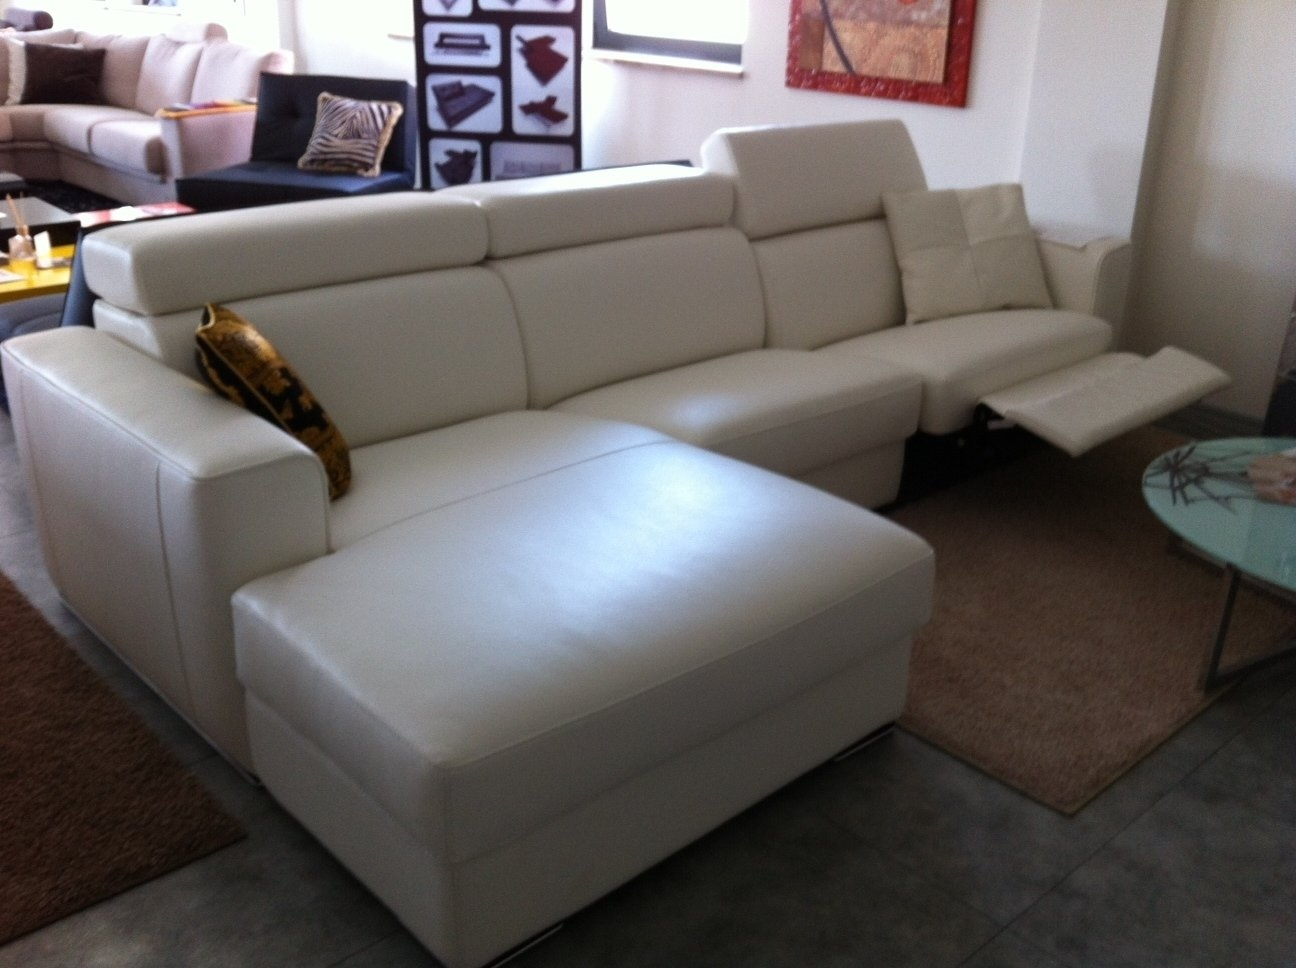 Offerta divano in pelle relax divani a prezzi scontati for Divani e divani angolari prezzi